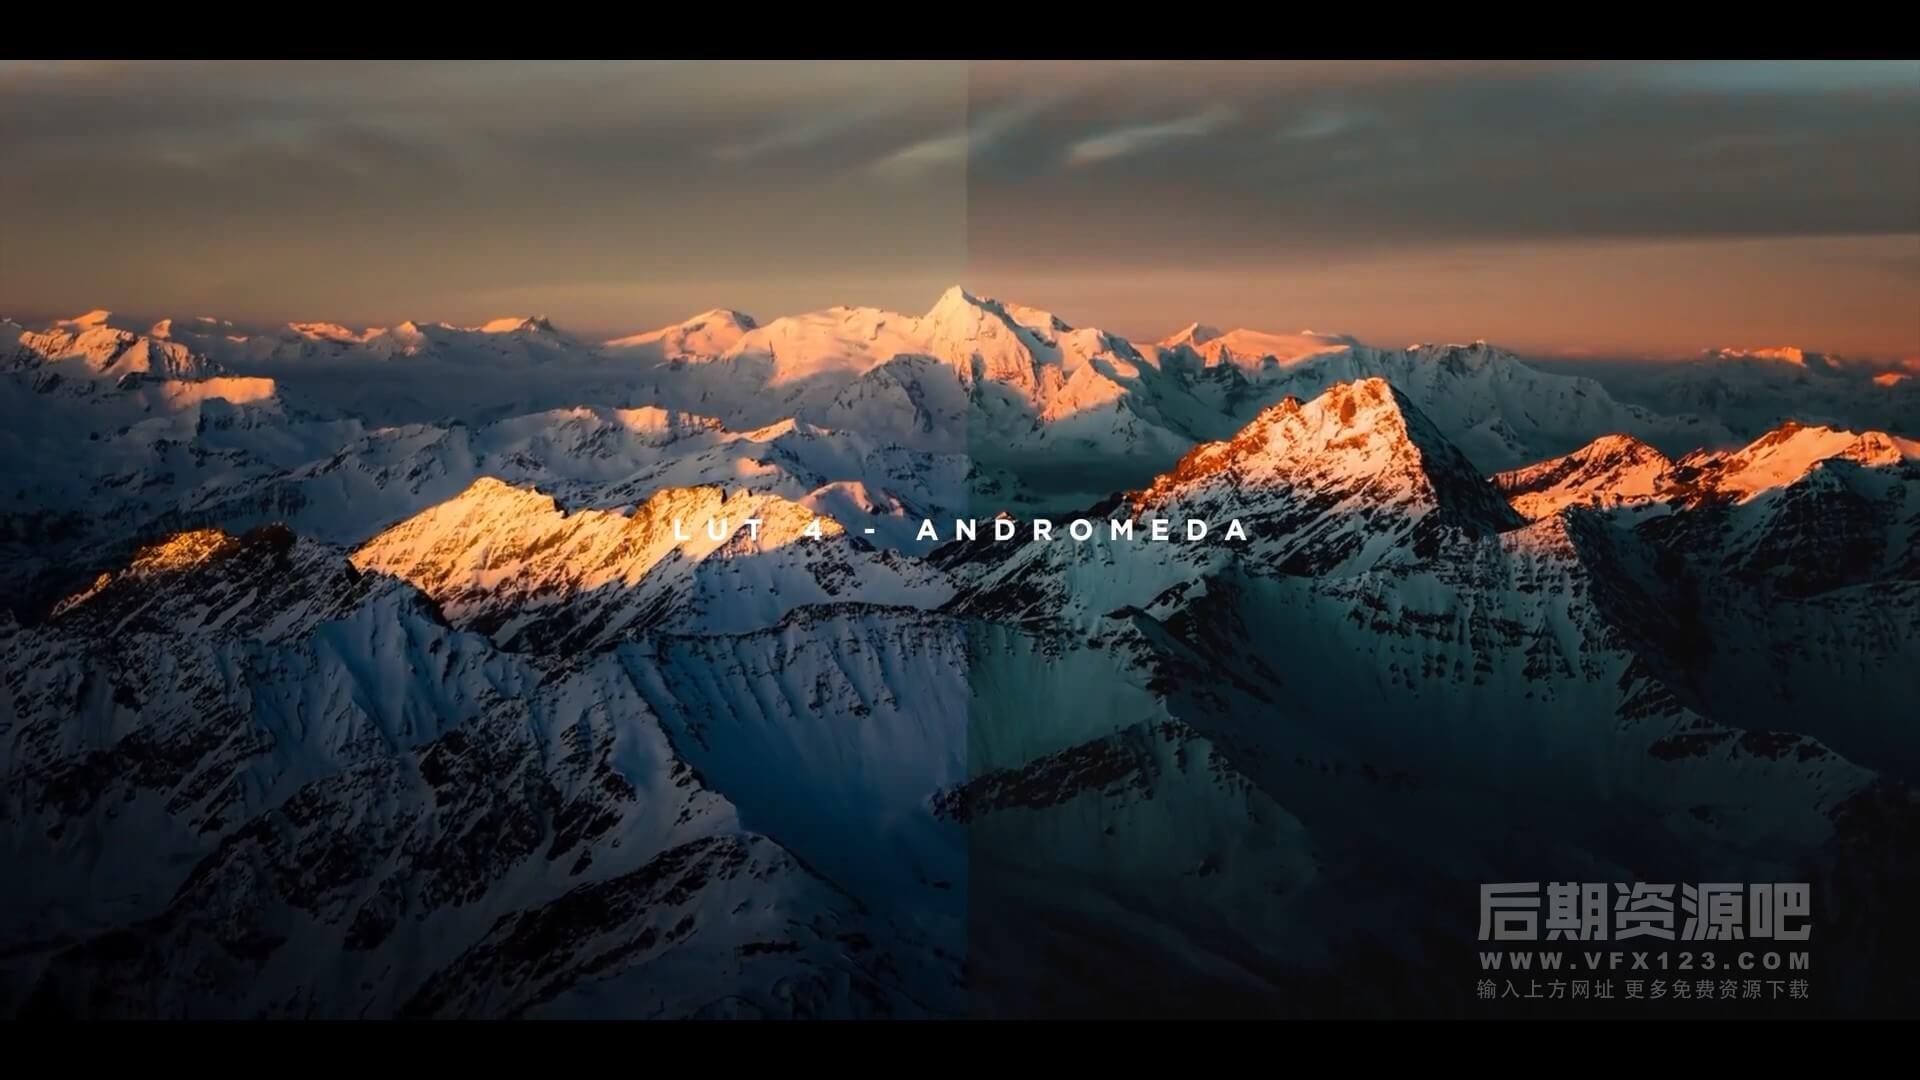 LUTs预设 15个无人机航拍风景大片调色 电影颜色分级工具